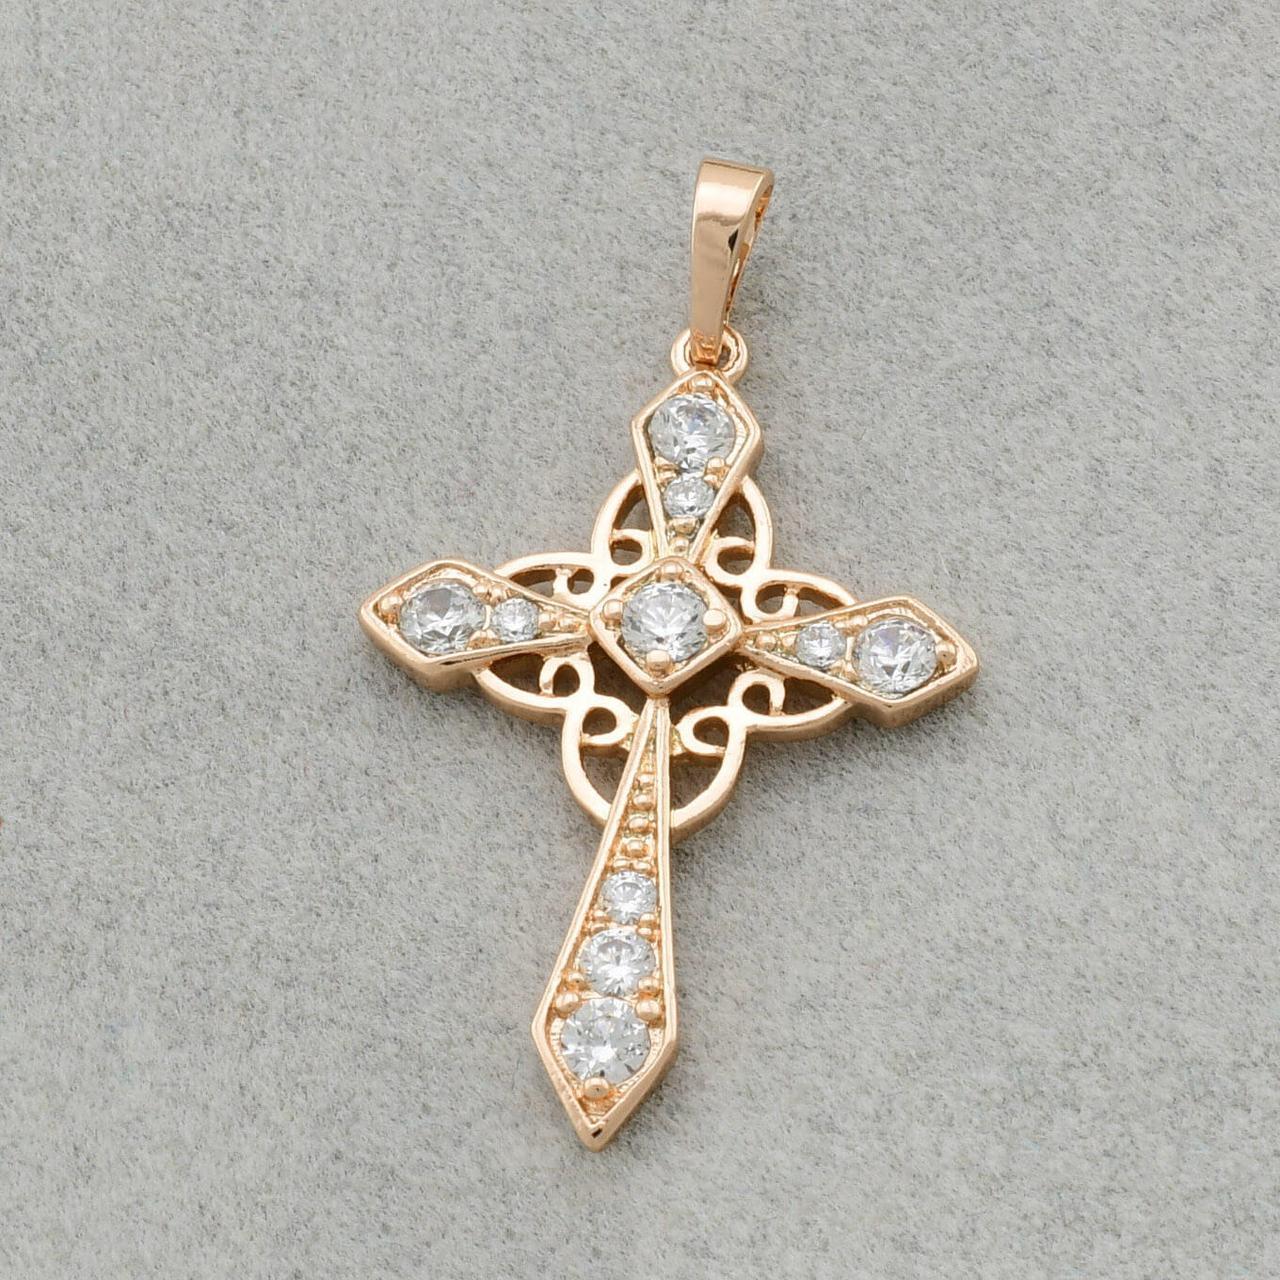 Крестик Xuping Jewelry декорирован камнями, медицинское золото, позолота 18К. А/В 4123